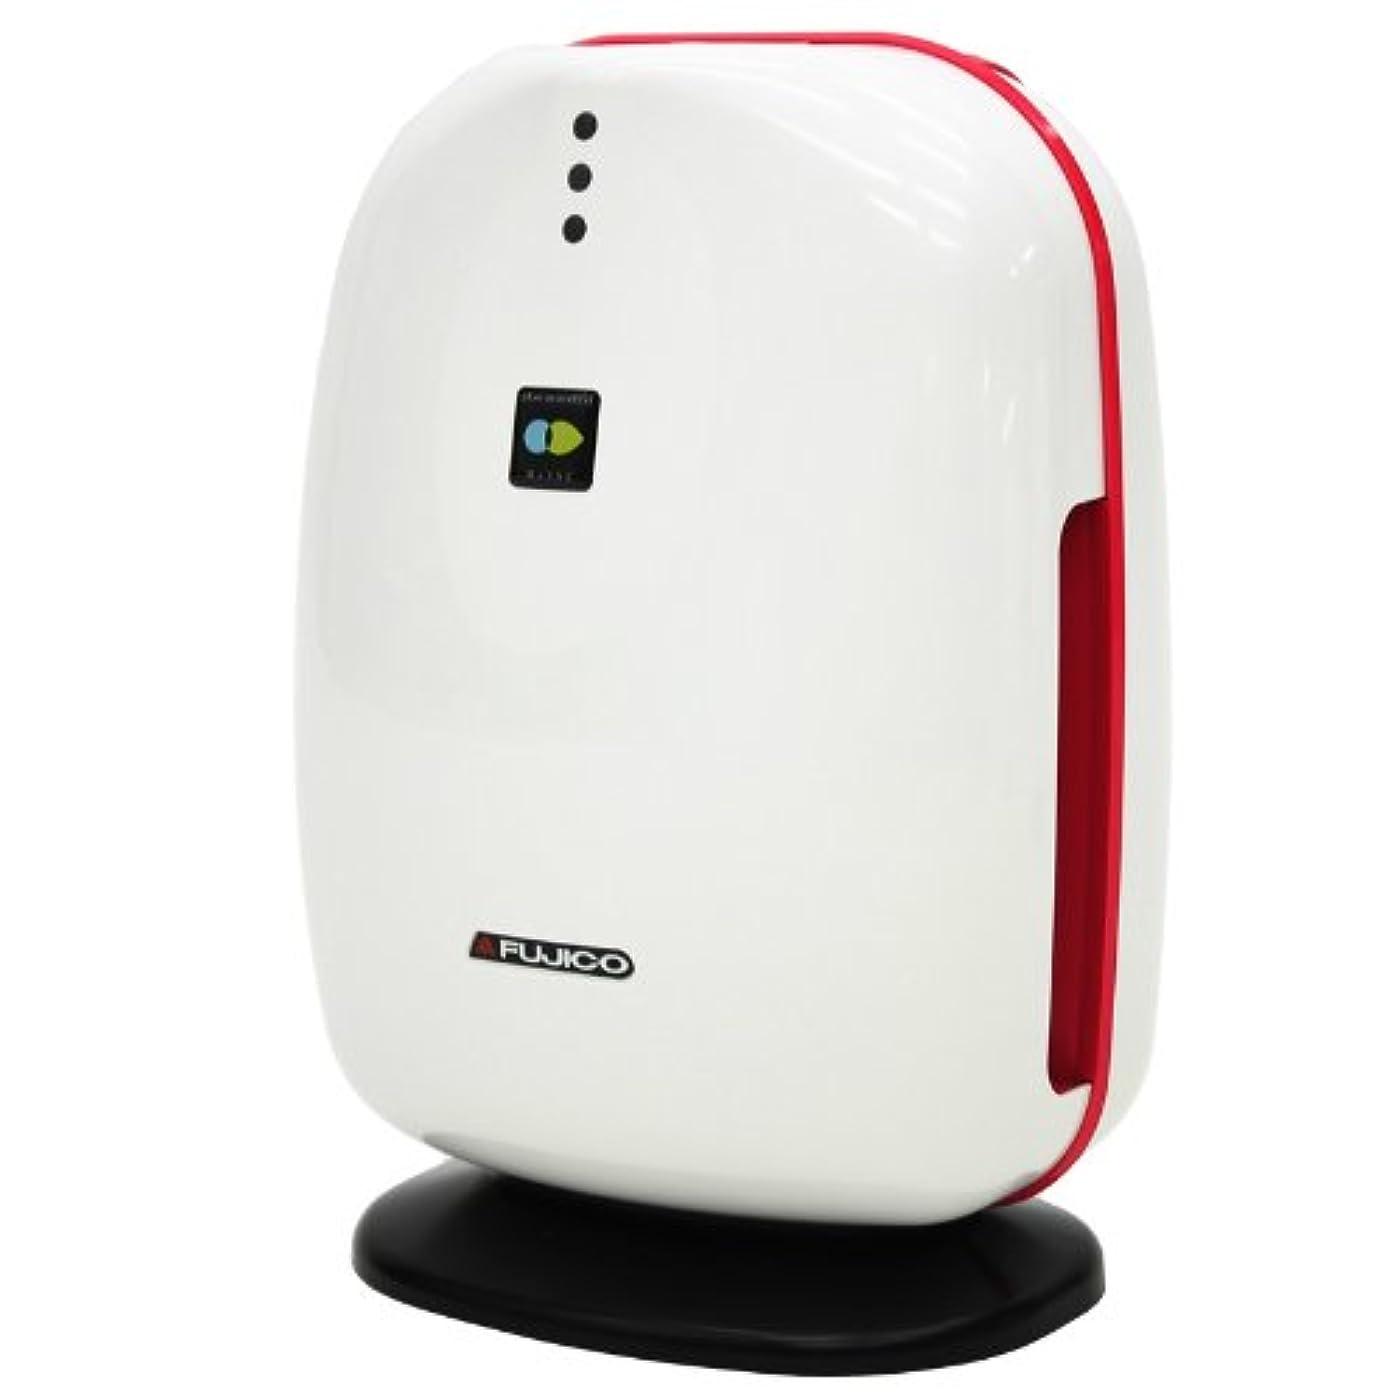 オフファイター想像力豊かな空気消臭除菌装置マスククリーンMC-V2 ピンク